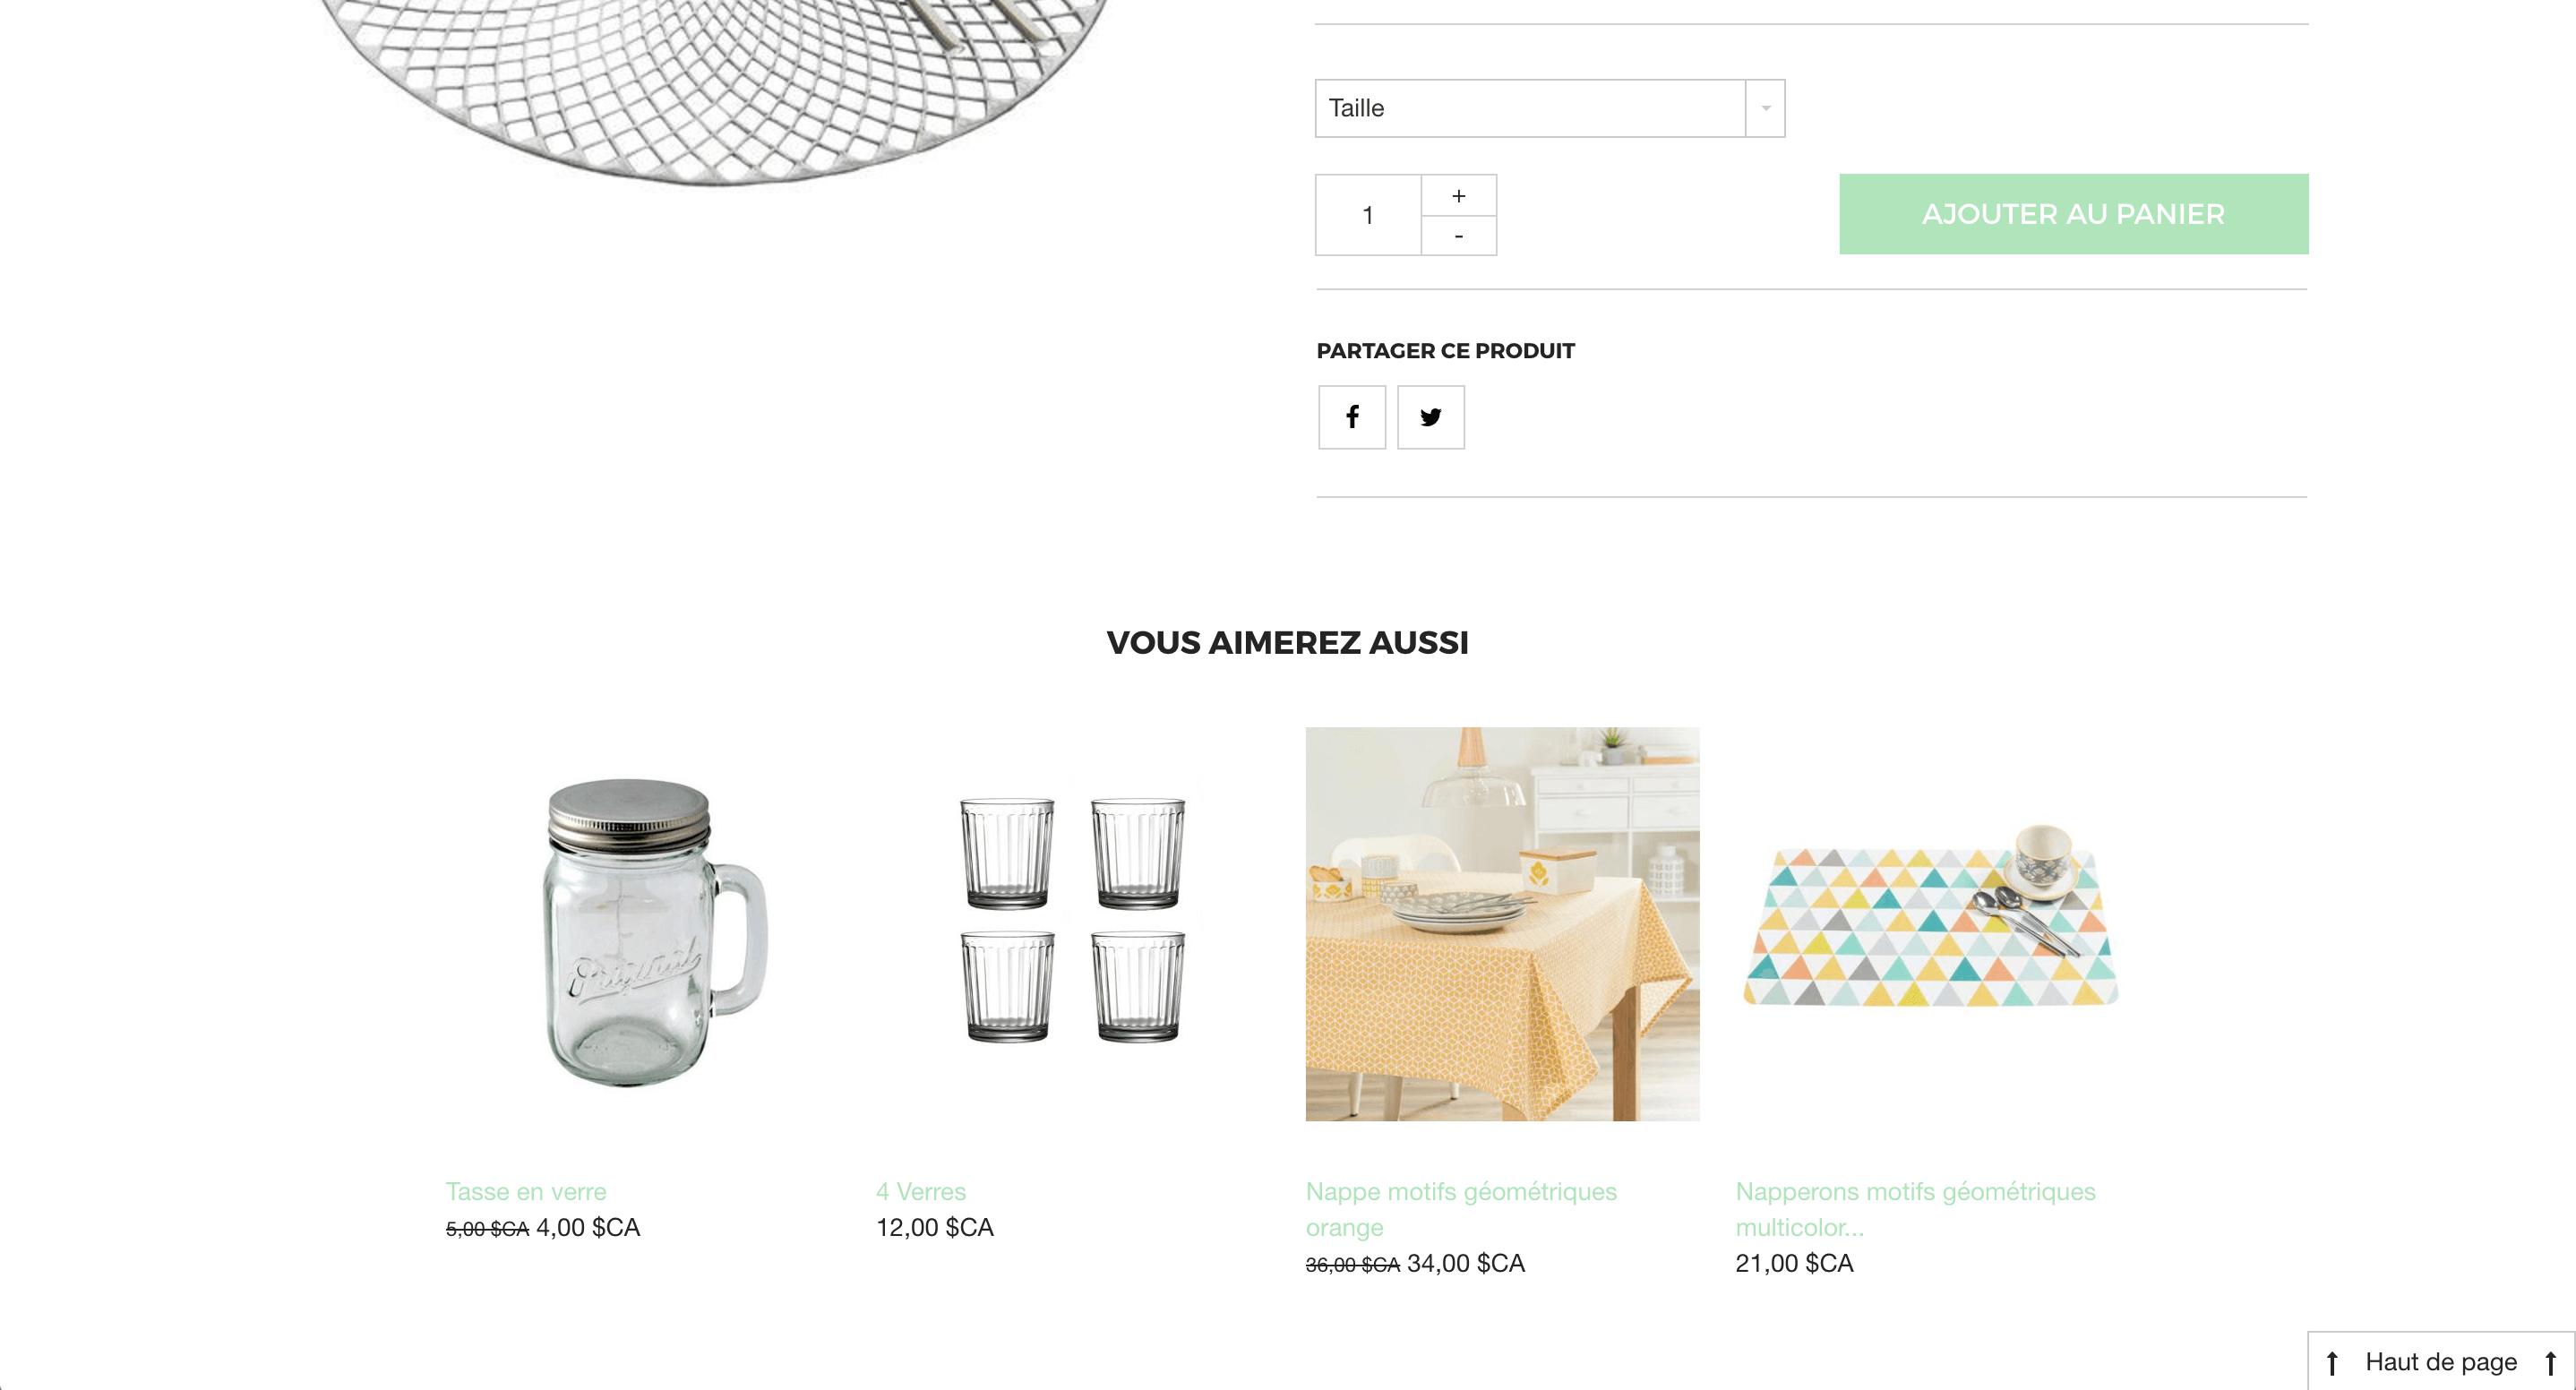 affichage-produit-recommande-boutique-en-ligne